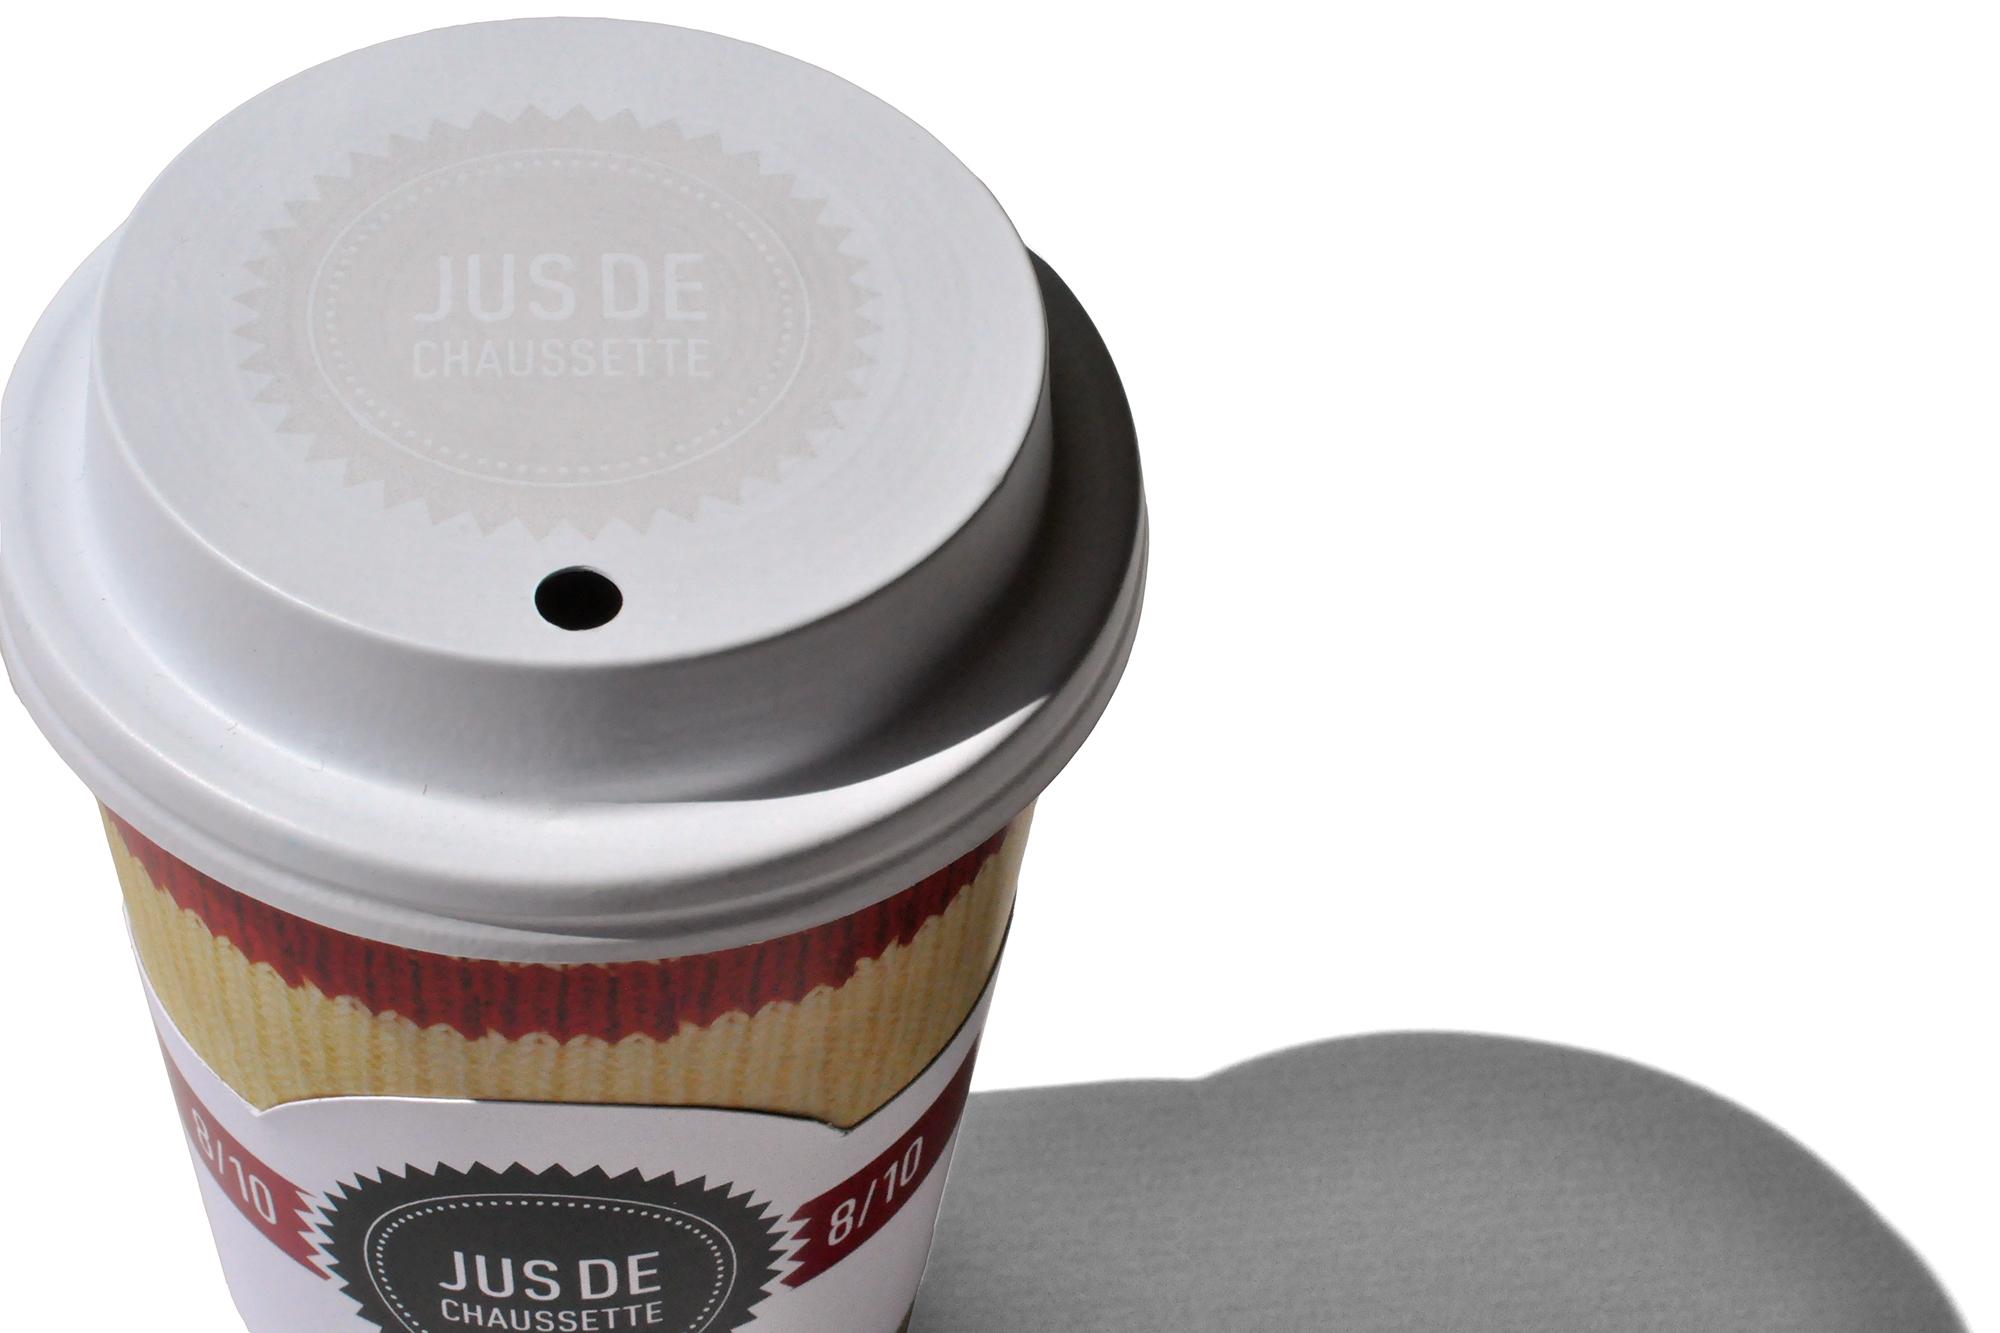 sérigraphie logo «Jus de chaussette» sur couvercle à café pour emporter